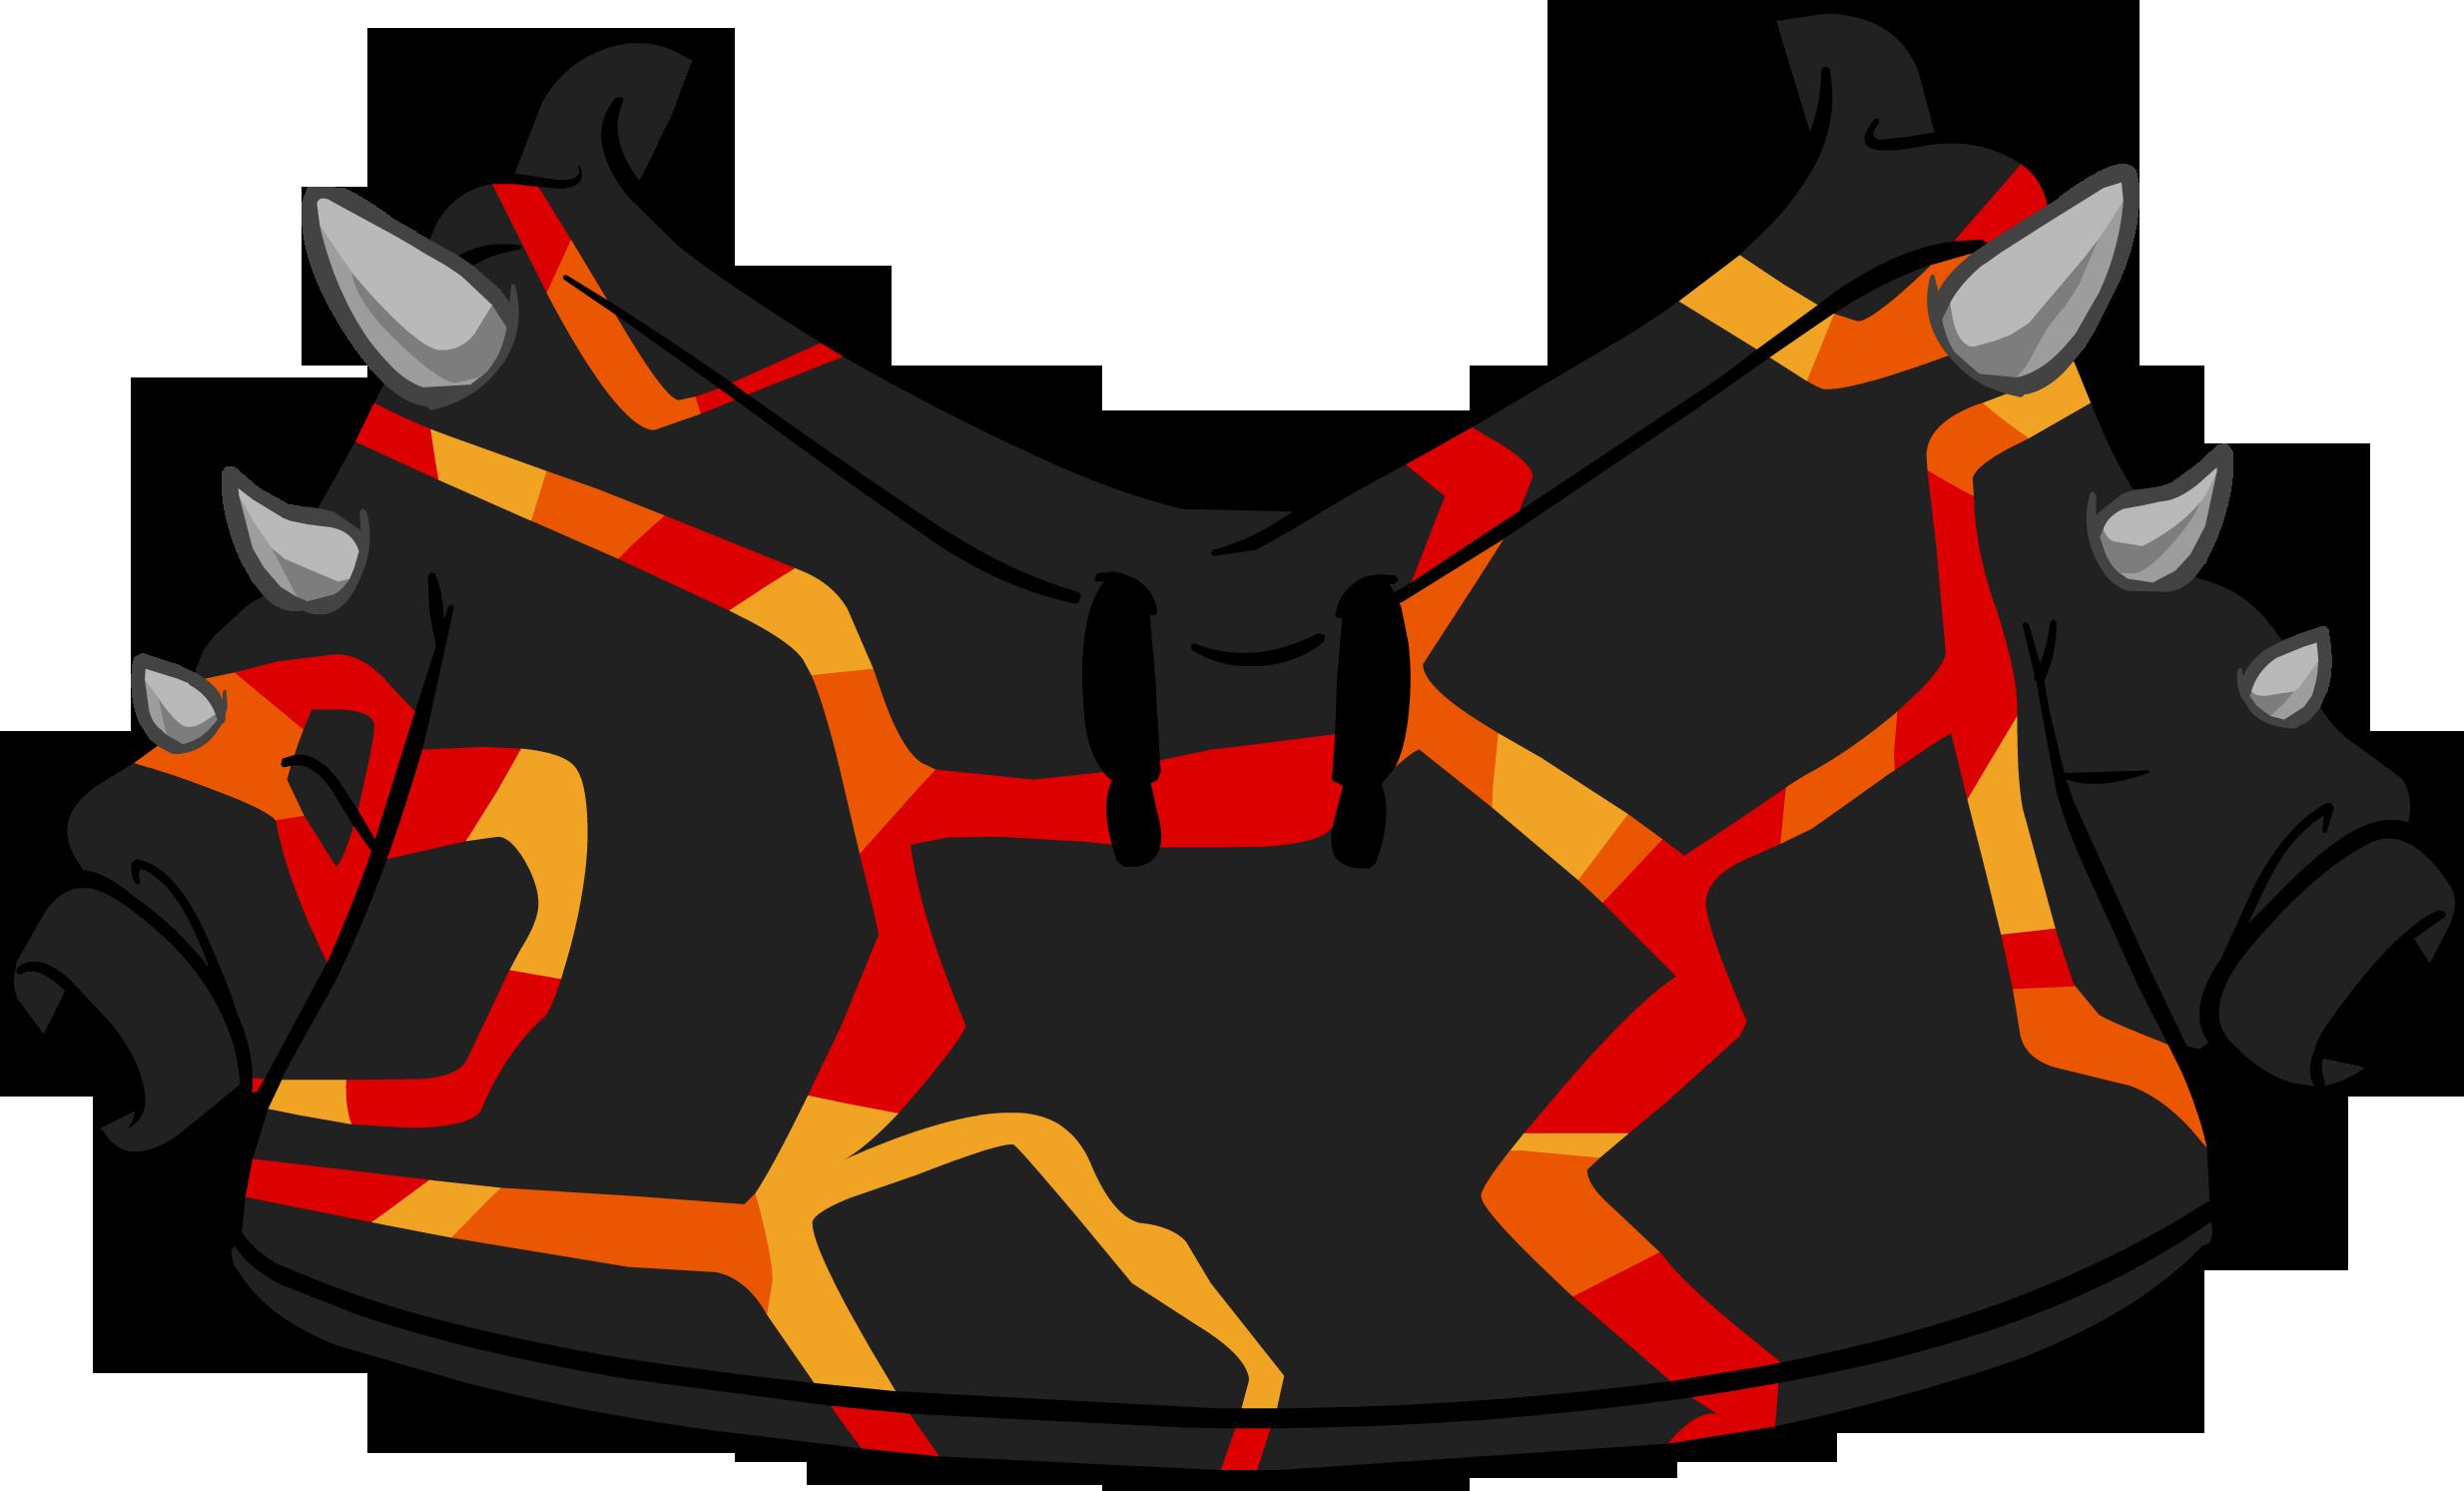 Cangurito de Magma